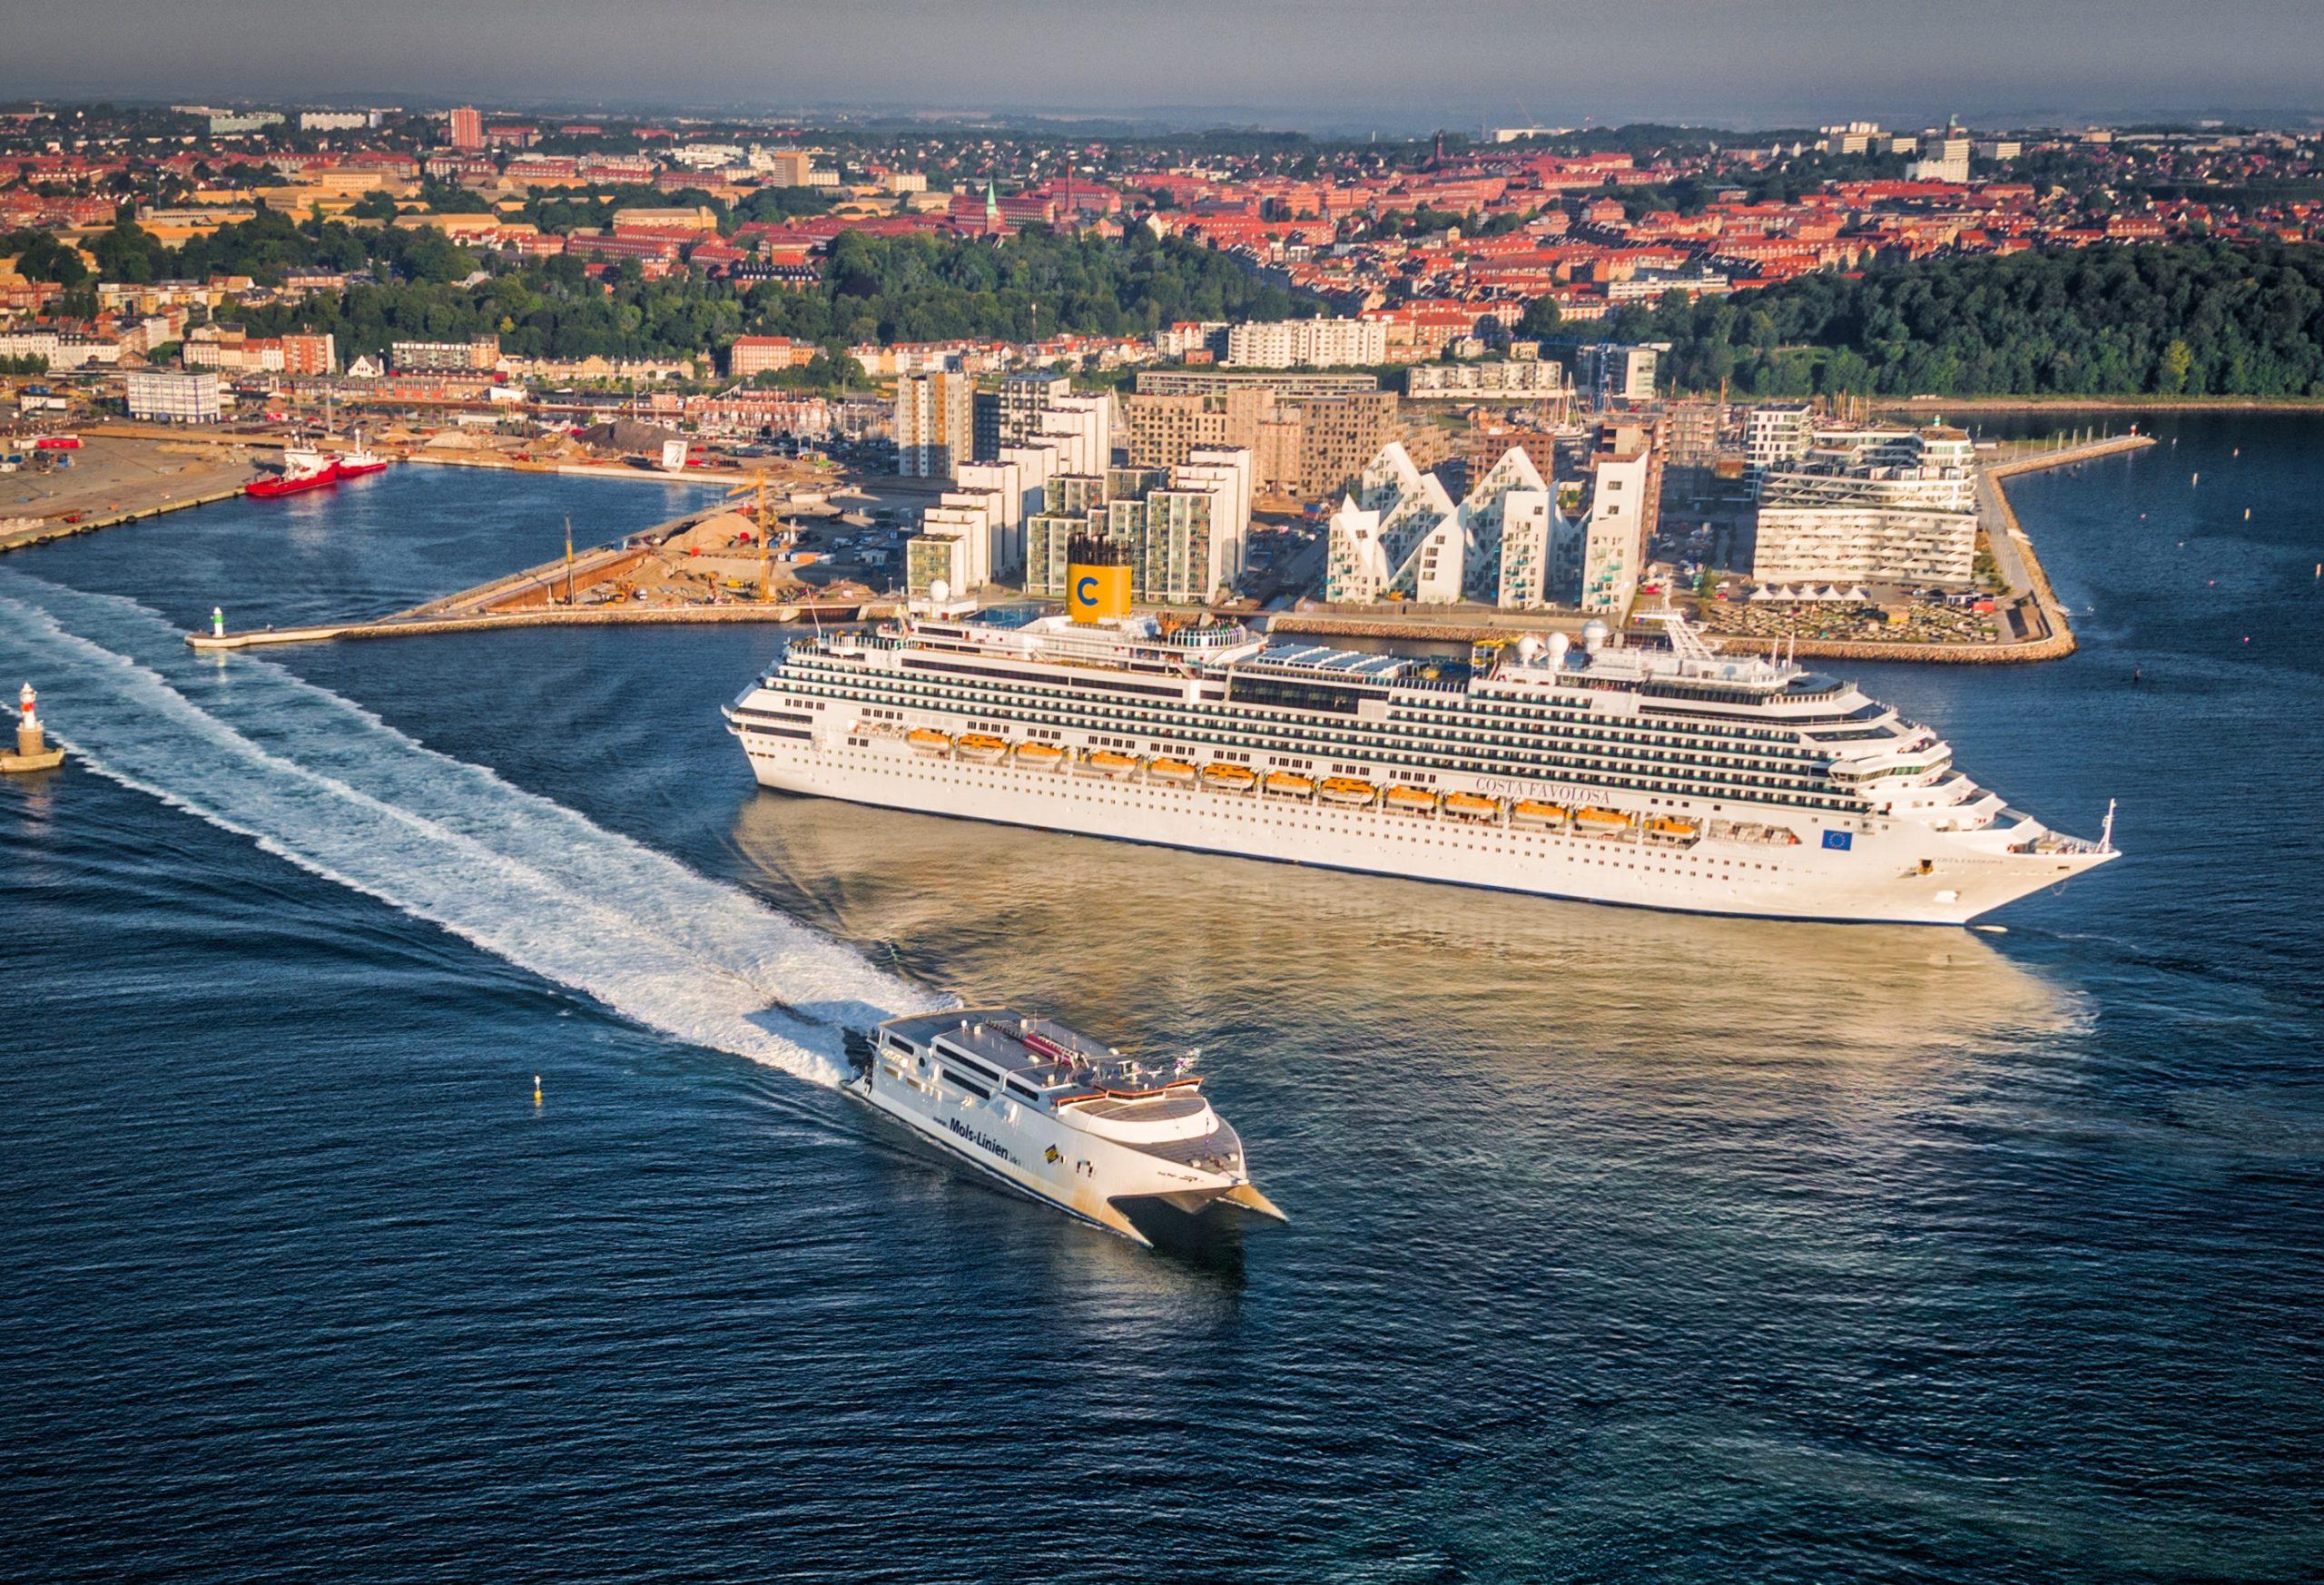 De danske havne må i år kigge langt efter krydstogtskibe. På arkivfotoet er Costa Favolosa i Aarhus Havn med Molslinjen i forgrunden. Pressefoto for VisitAarhus: Dennis Borup Jakobsen.